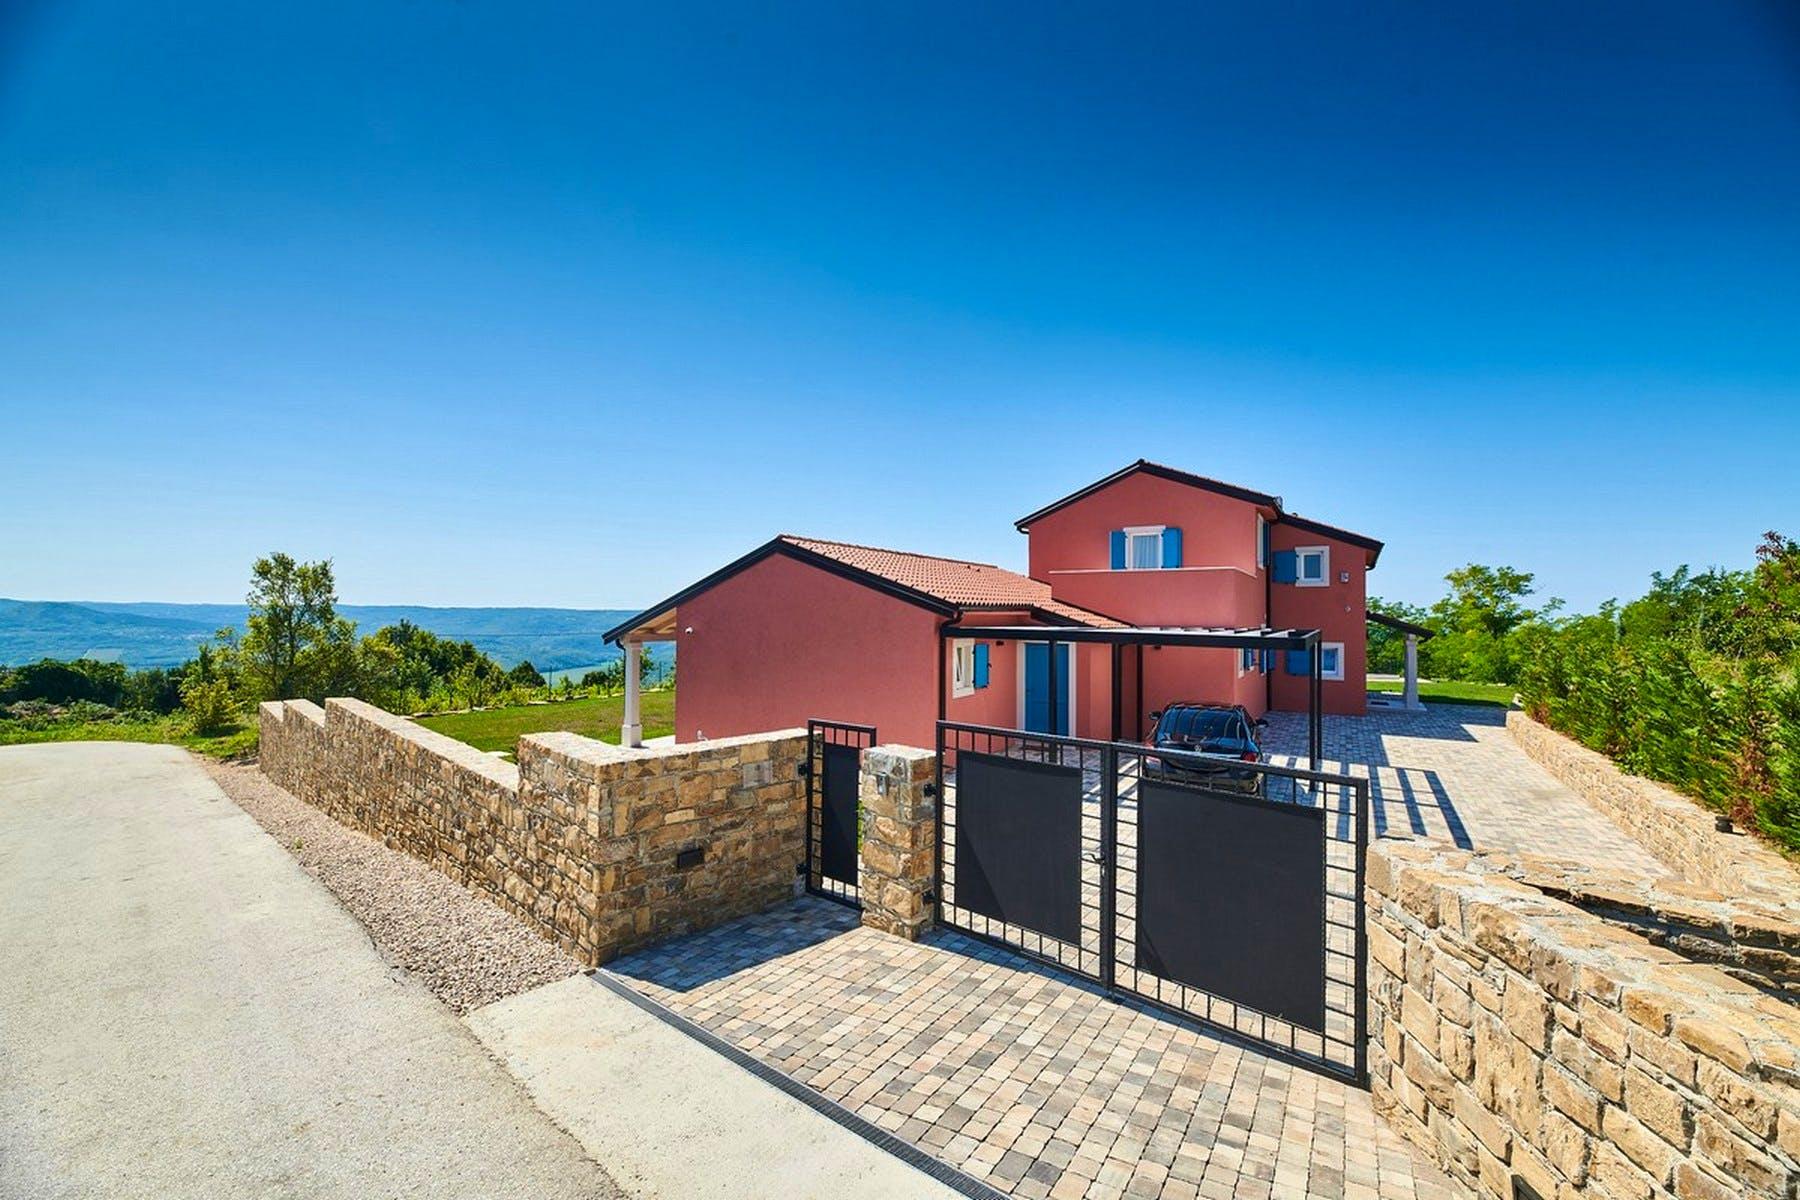 Villa's gate